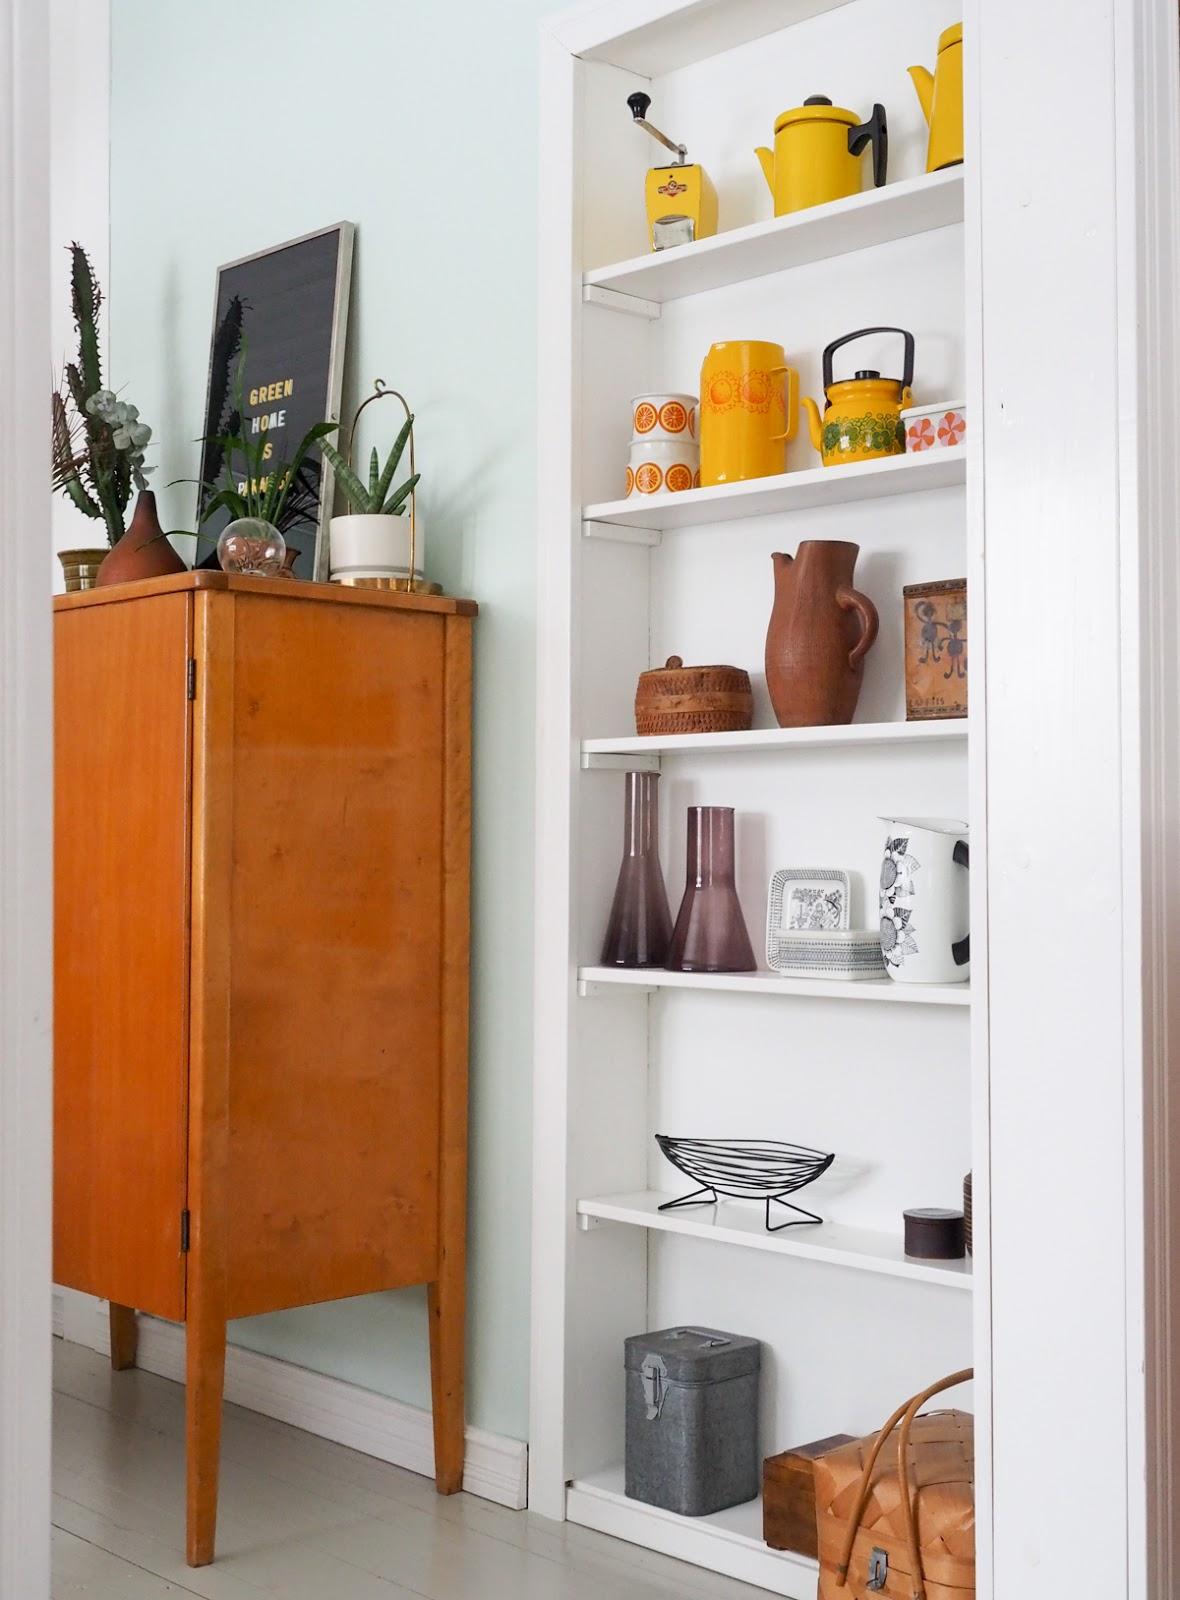 Vanhaan oviaukkoon tehty hylly, vanhat astiat, värikäs koti